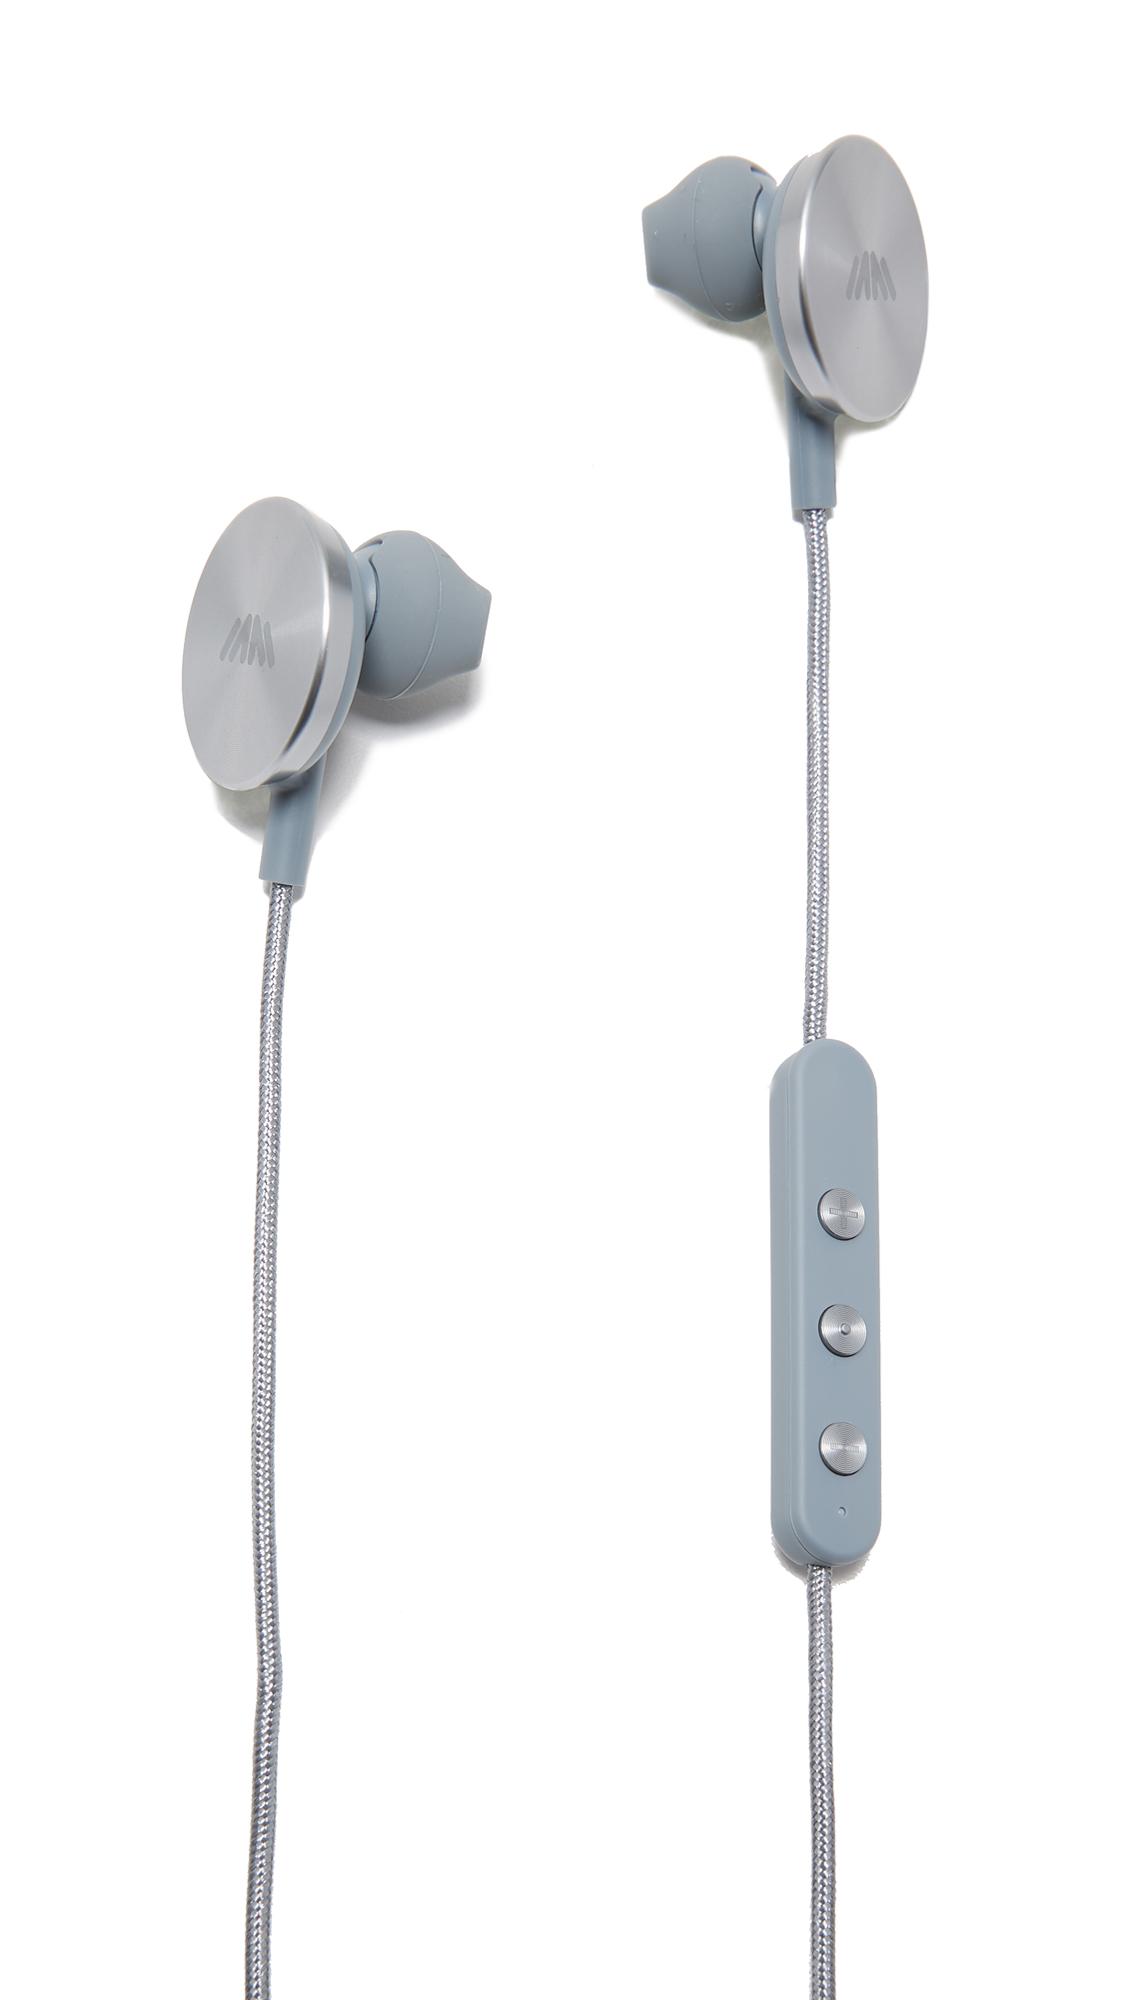 i.am+ Buttons Wireless Headphones - Grey